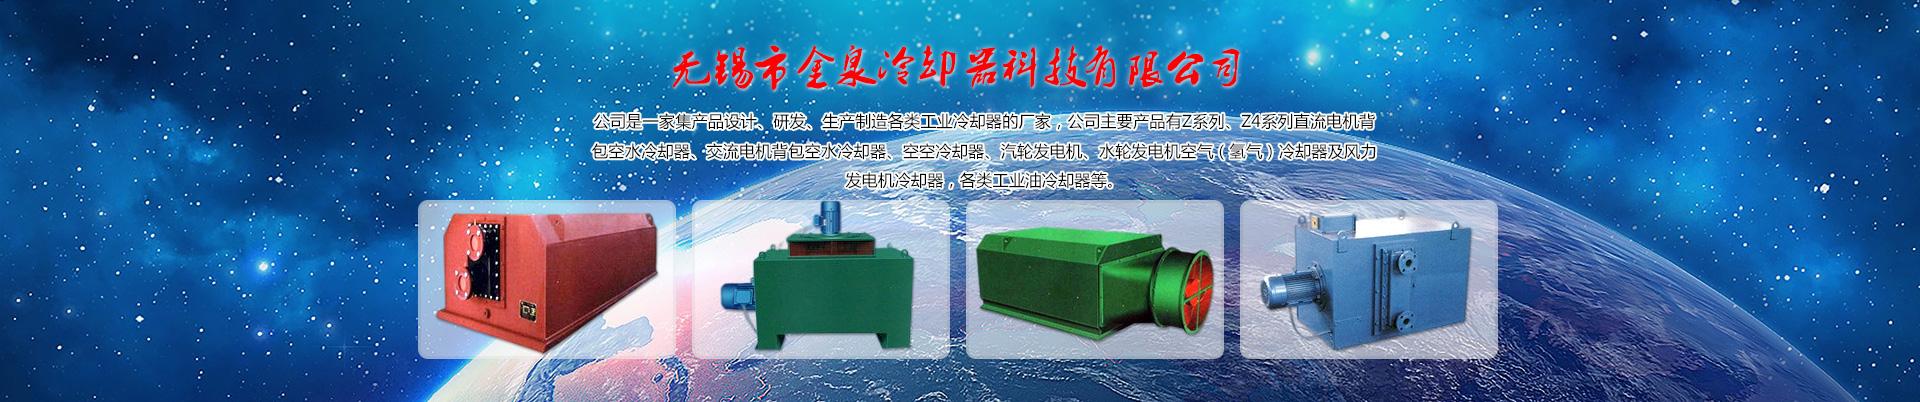 空气水冷却器公司,定制空气水冷却器,空气水冷却器厂